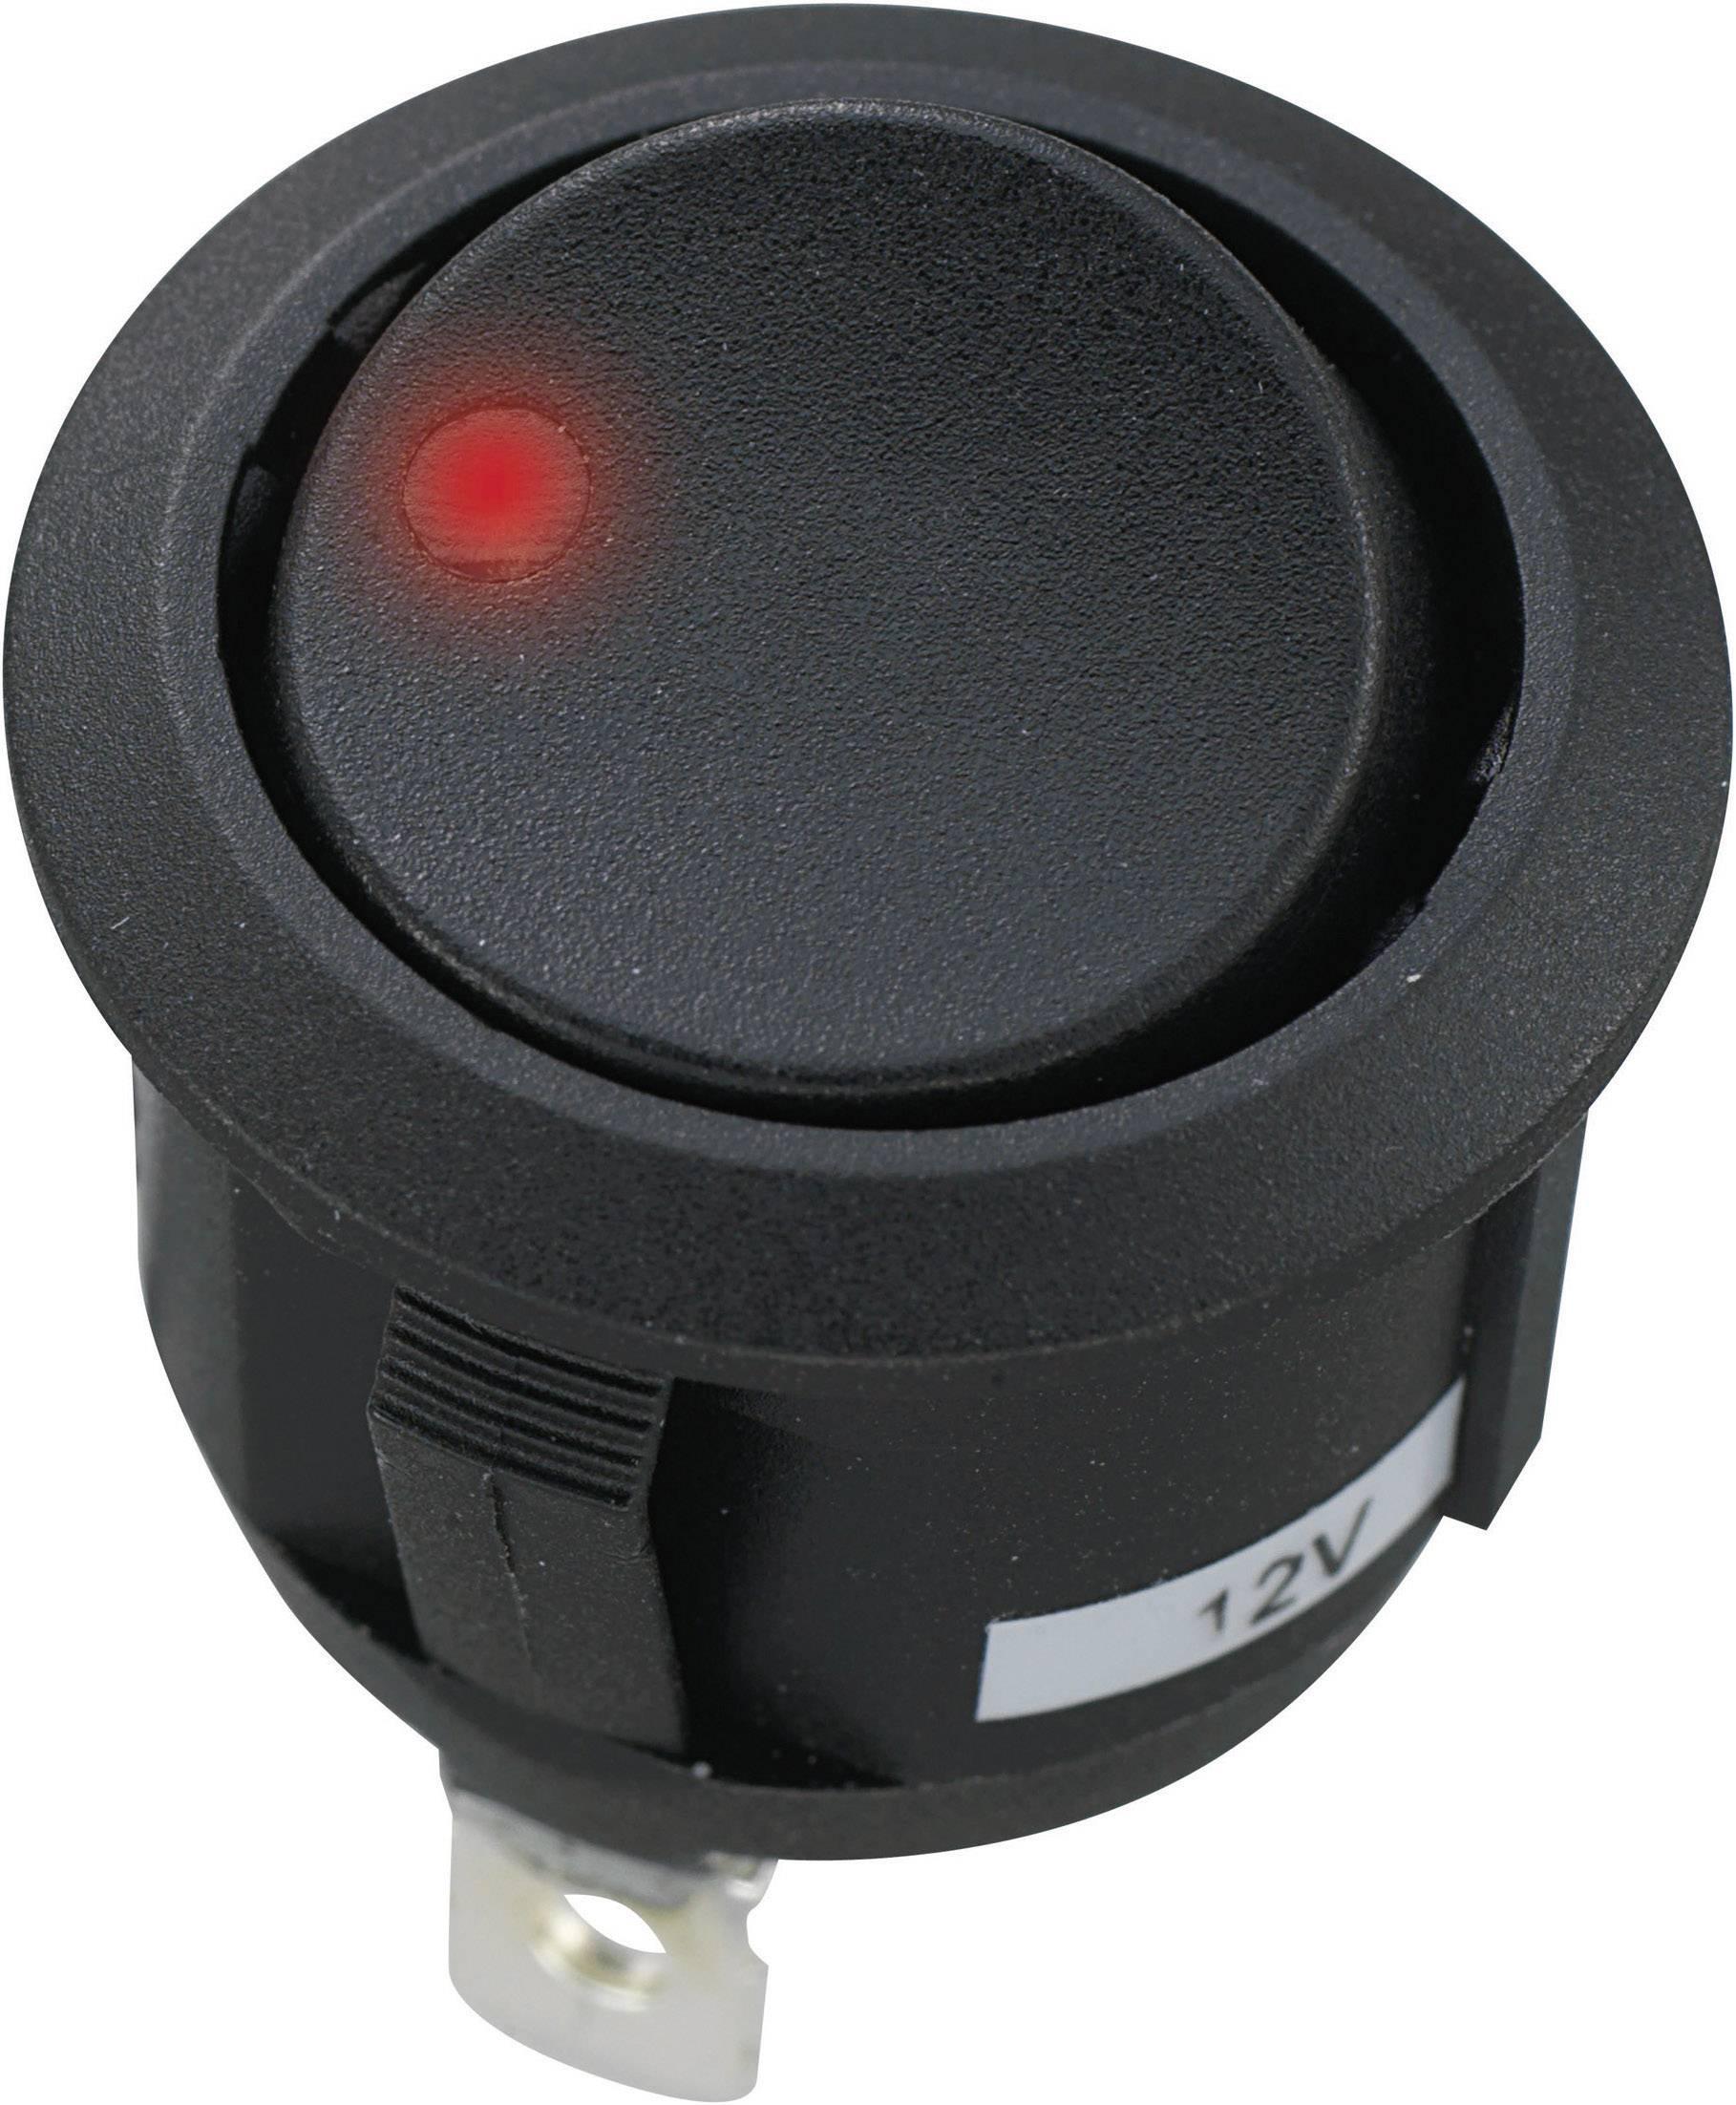 Kolébkový přepínač do auta SCI R13-112DL-02, 12 V/DC, 20 A, s aretací/0/s aretací, 1 ks